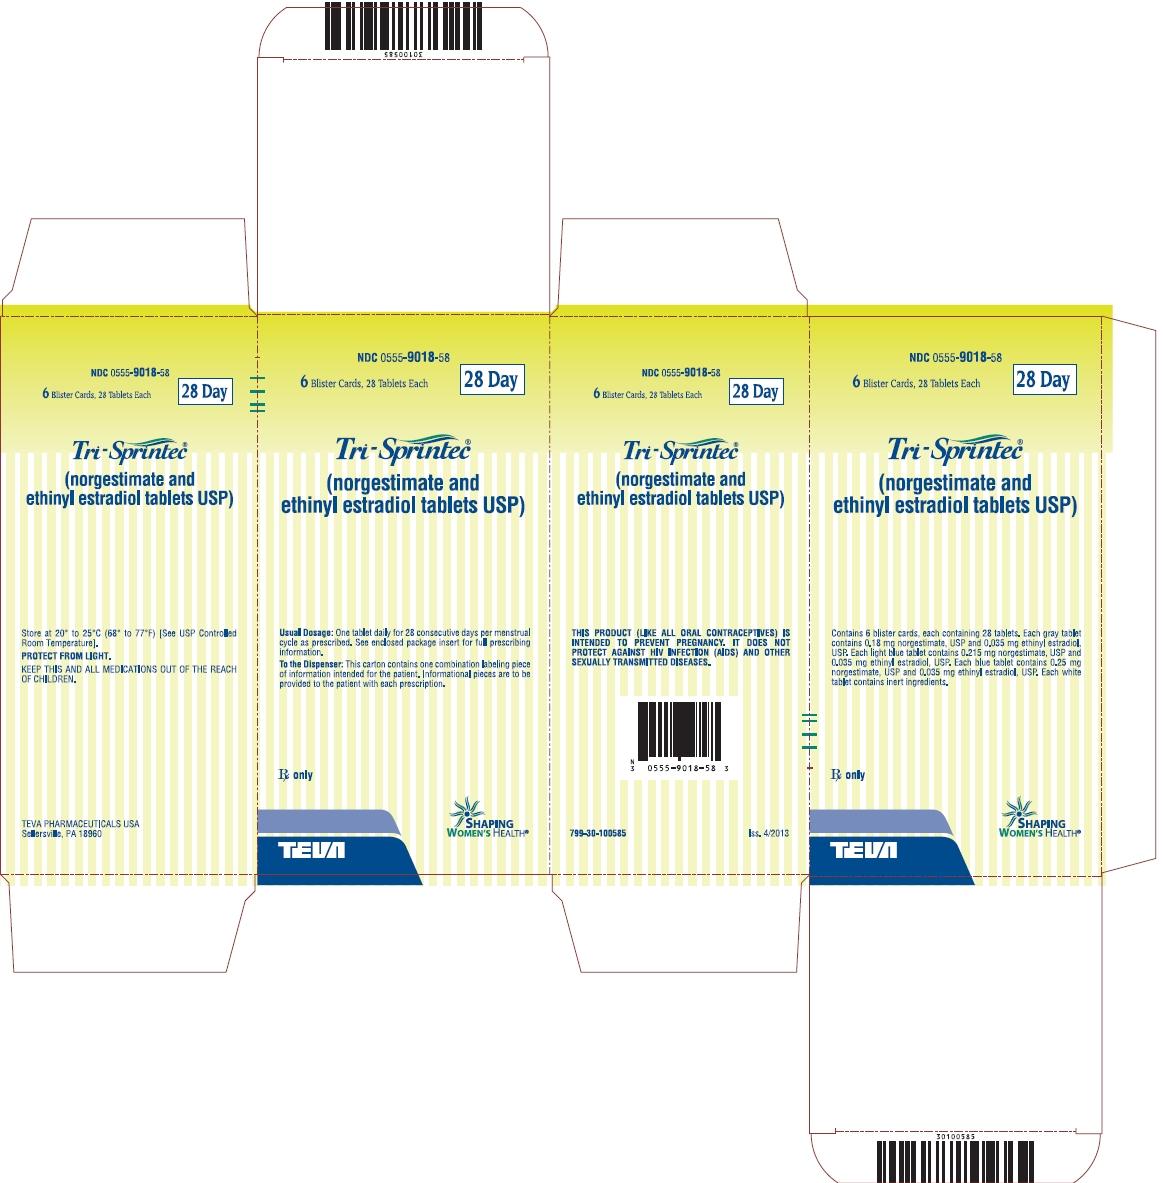 Tri-sprintec (Norgestimate And Ethinyl Estradiol) Kit [Proficient Rx Lp]